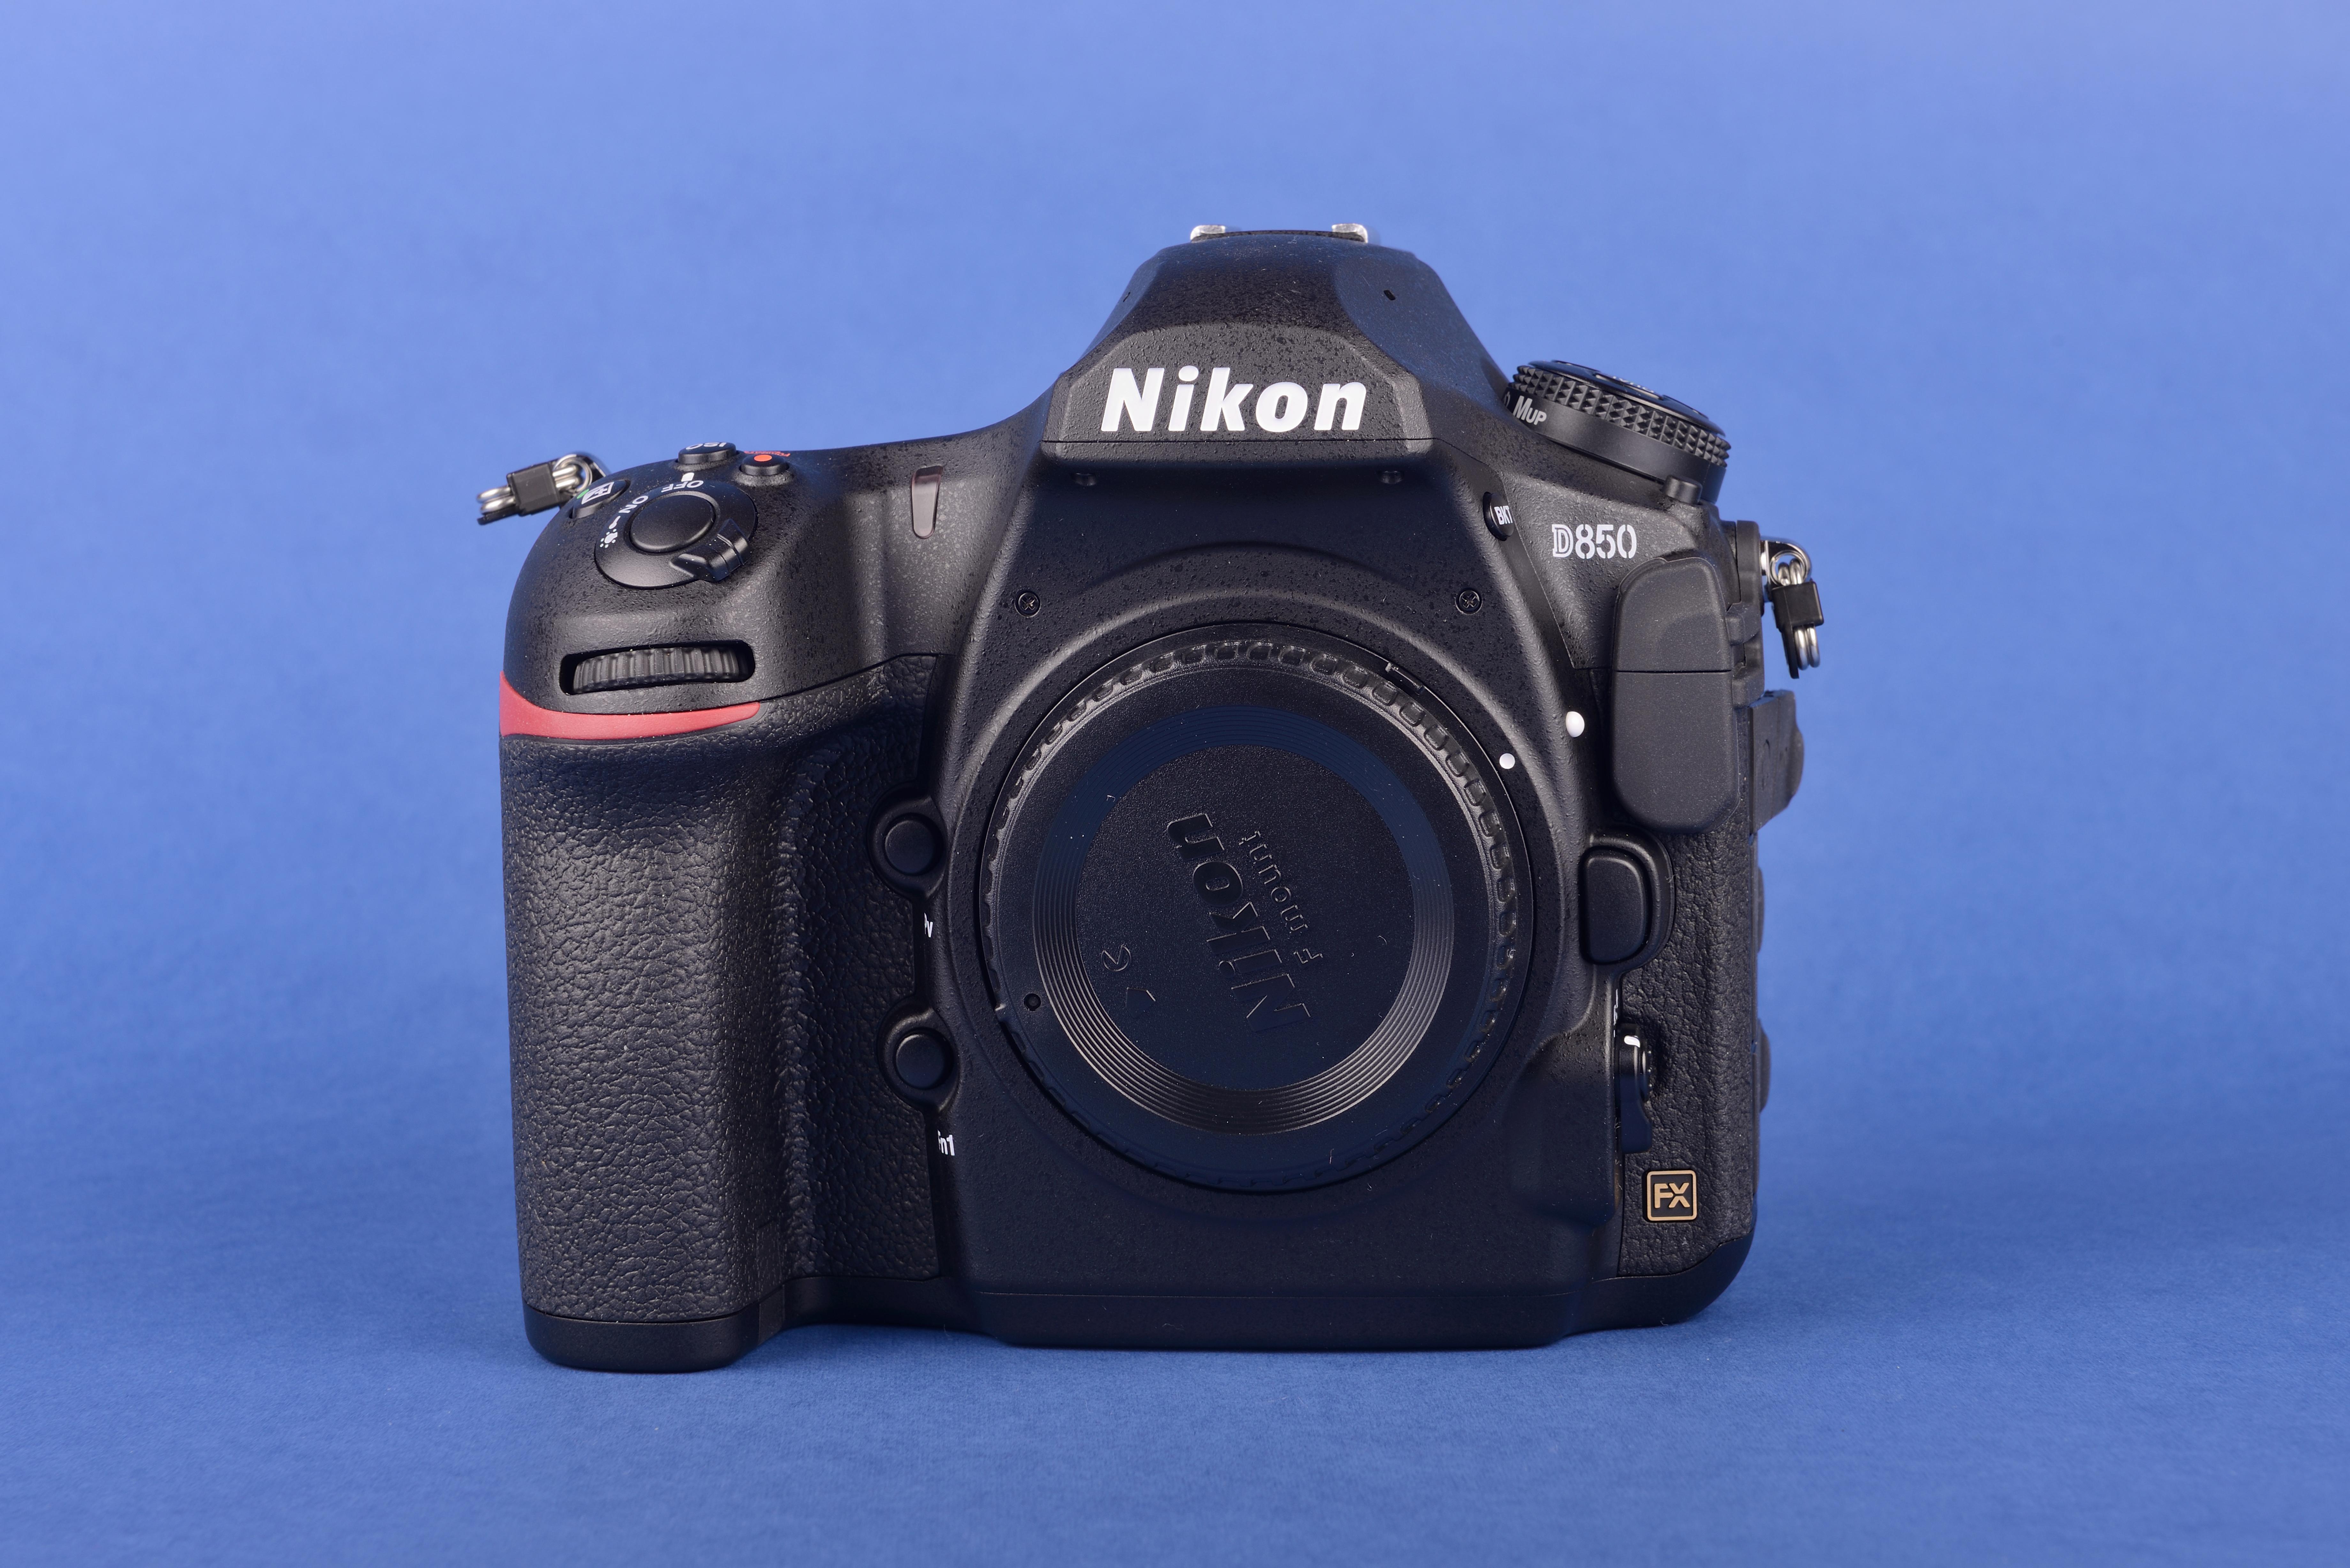 Datei:Nikon DSLR camera D850.jpg – Wikipedia